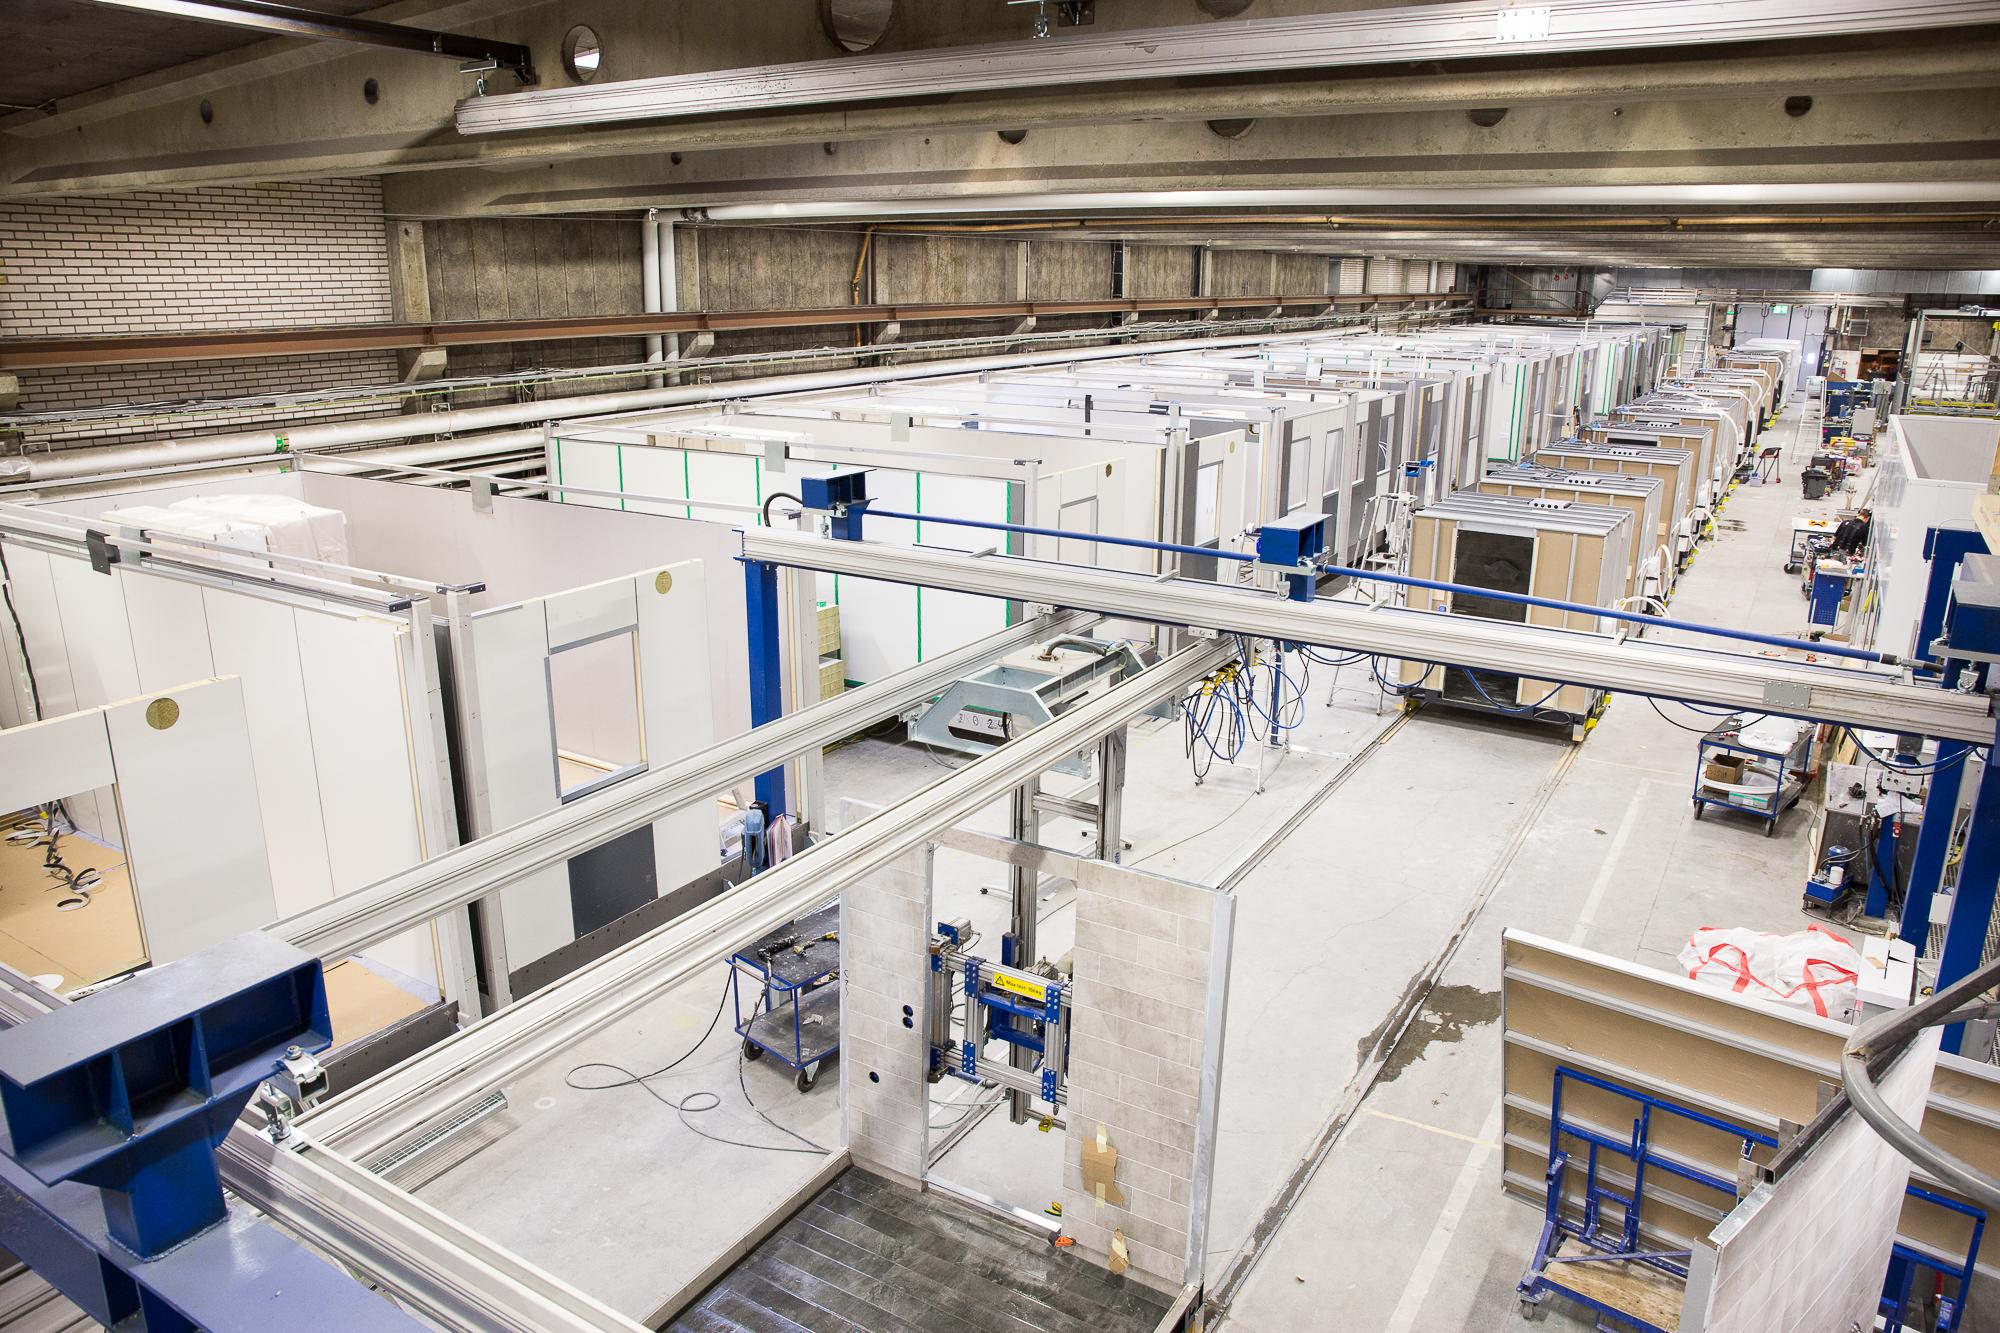 Två parallella produktionslina, en för badrummen och en för de kompletta hotellrumsmodulerna där badrummen har monterats in i modulen.